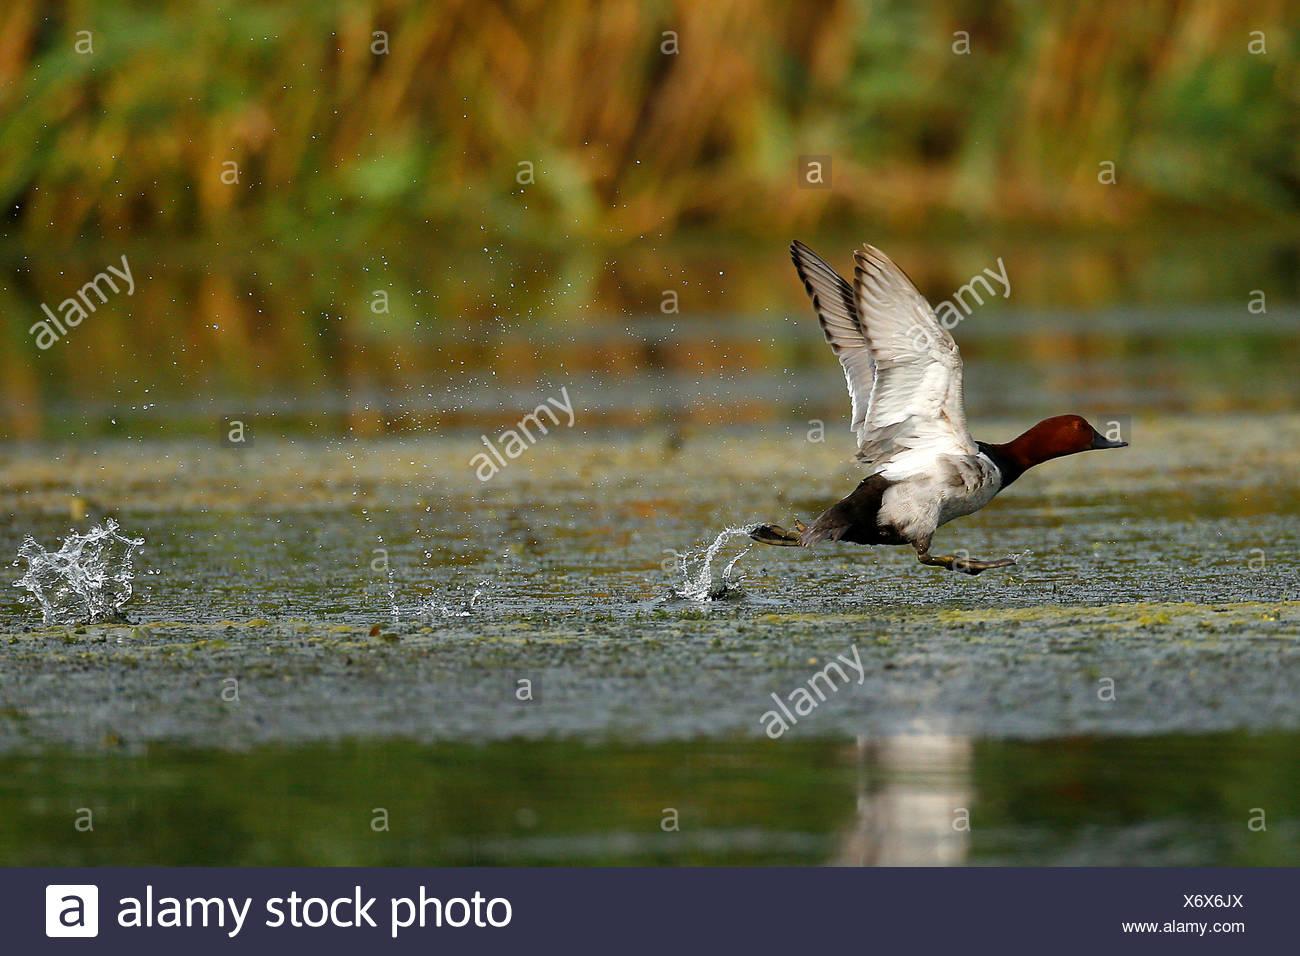 Tafelente, Tafel-Ente (Aythya ferina, Anas ferina), vom Wasser startendes Maennchen, Seitenansicht, Rumaenien, Donaudelta   comm Immagini Stock